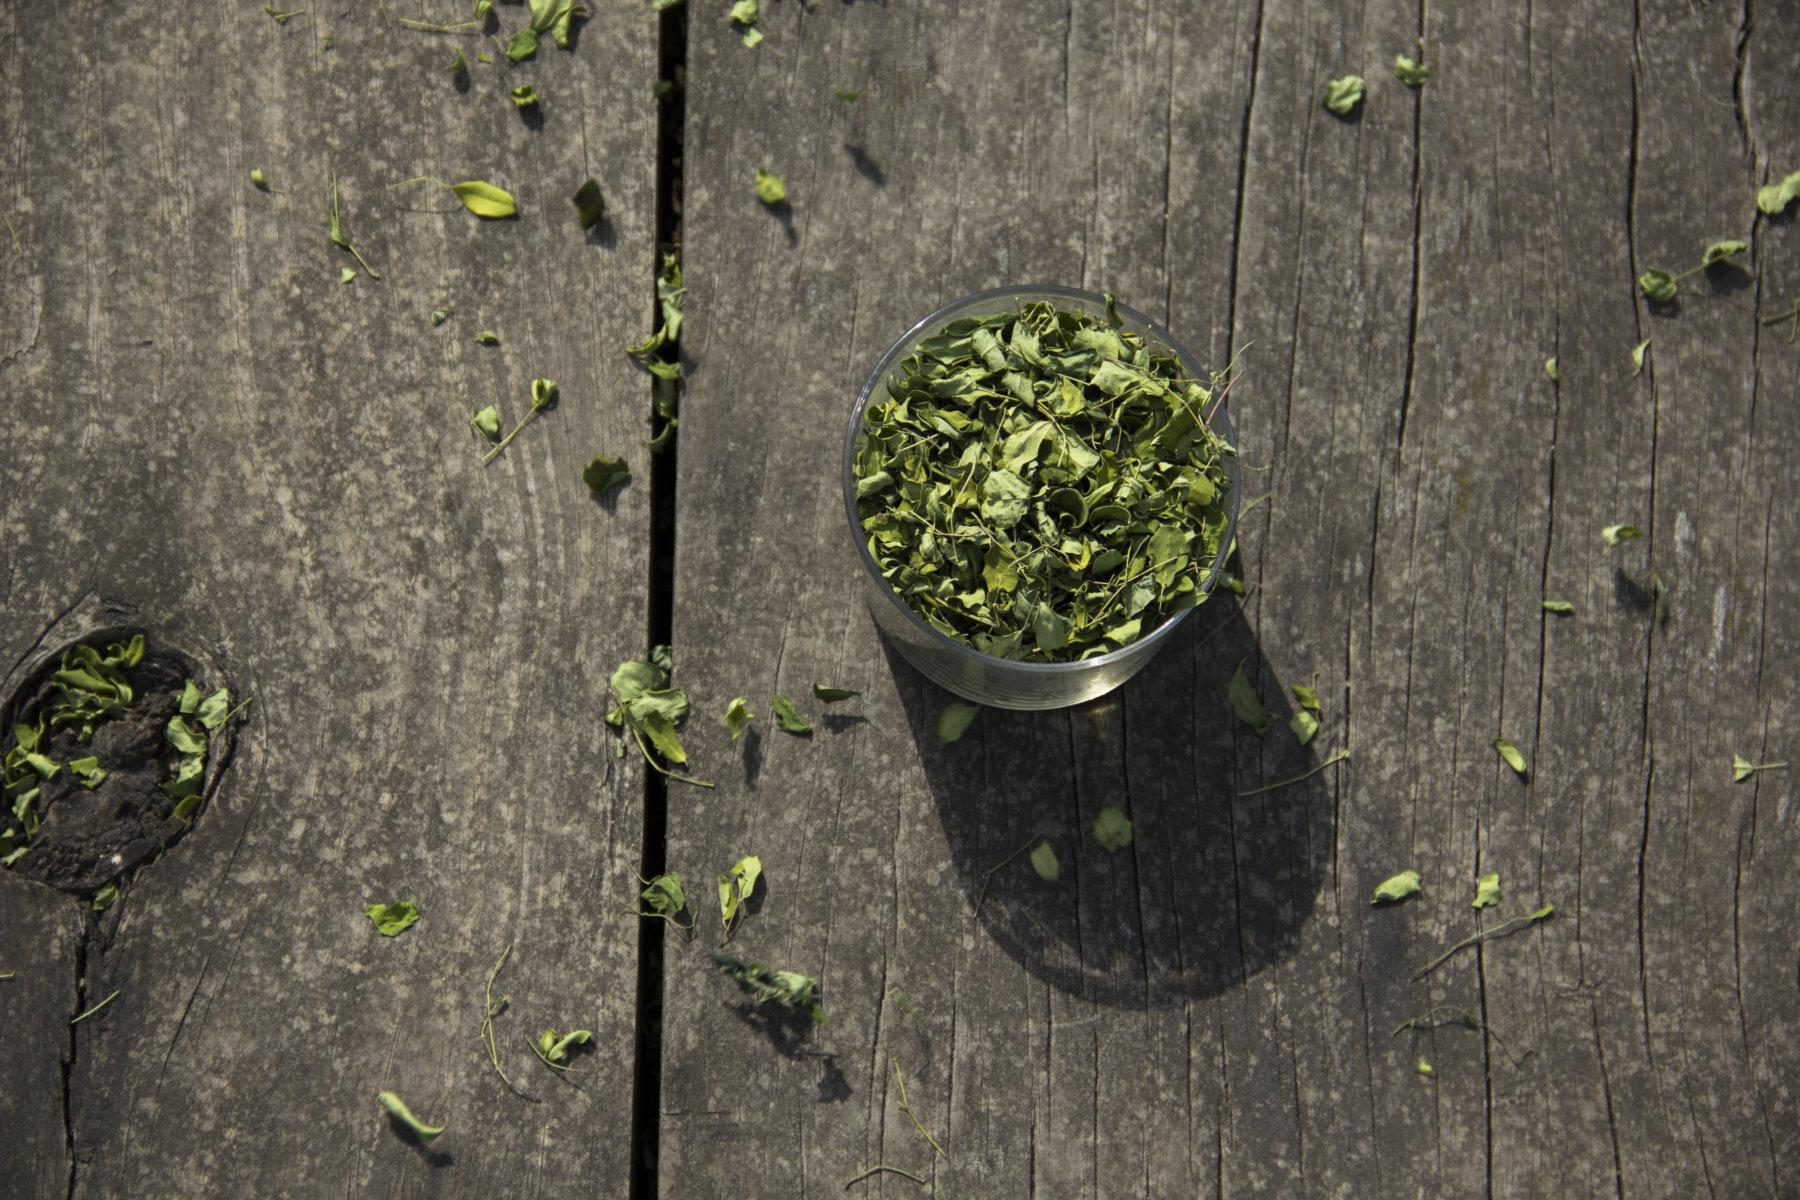 Hojas de Moringa, superalimento vegetal rico en proteína completa.